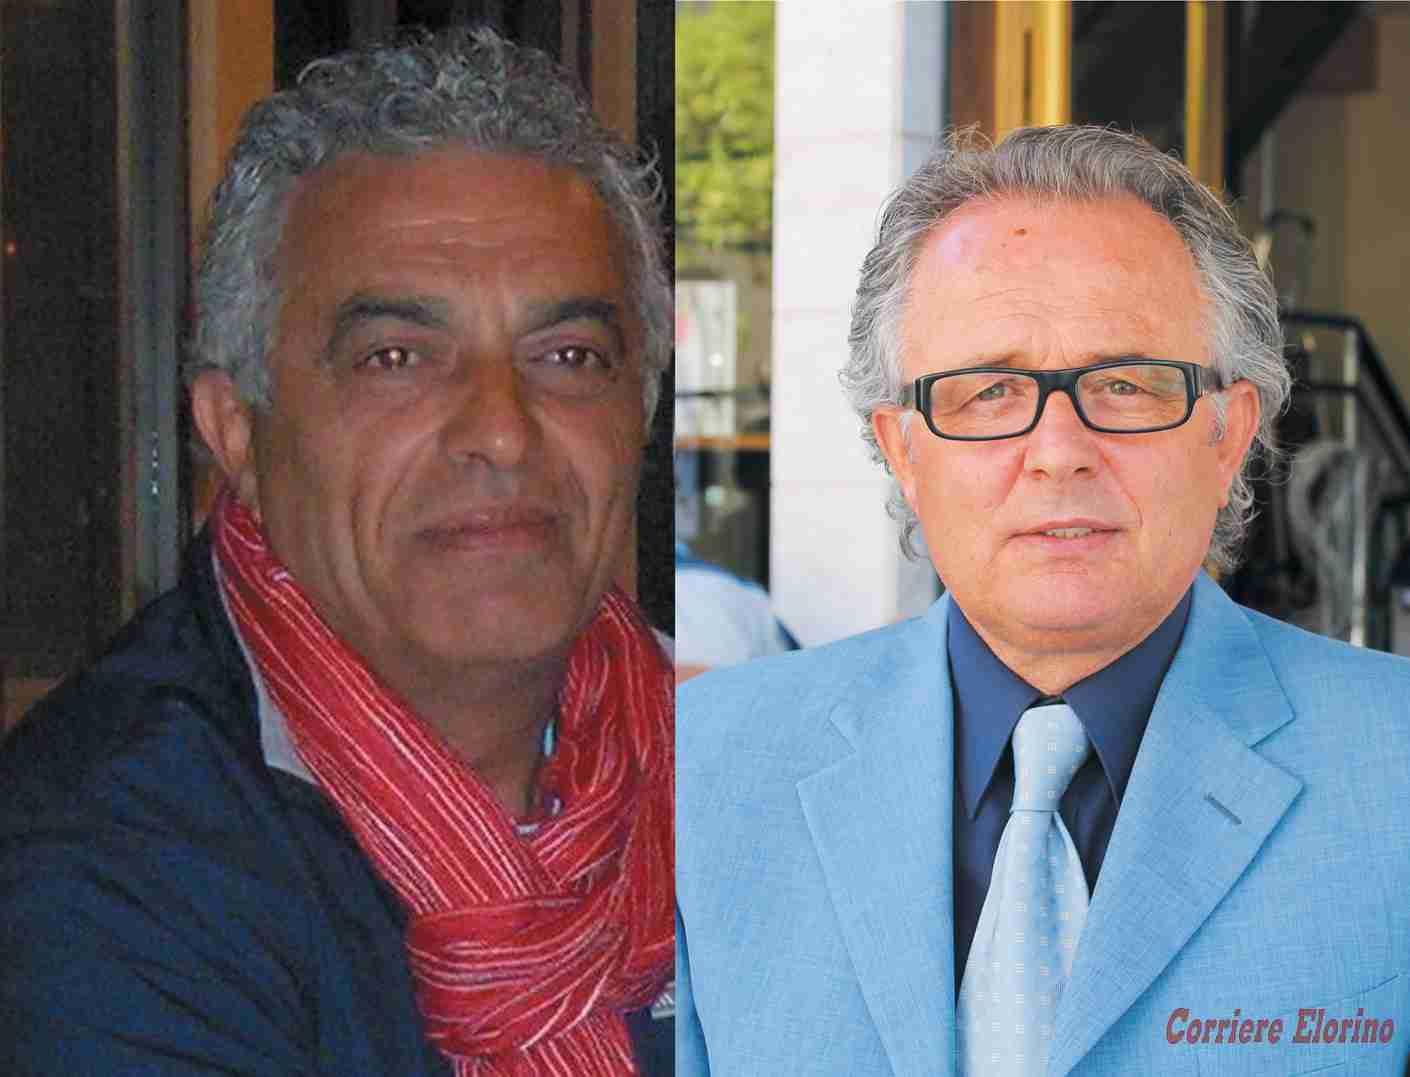 Pm chiede la condanna a 9 anni e 4 mesi per l'omicidio di Salvatore Cottonaro